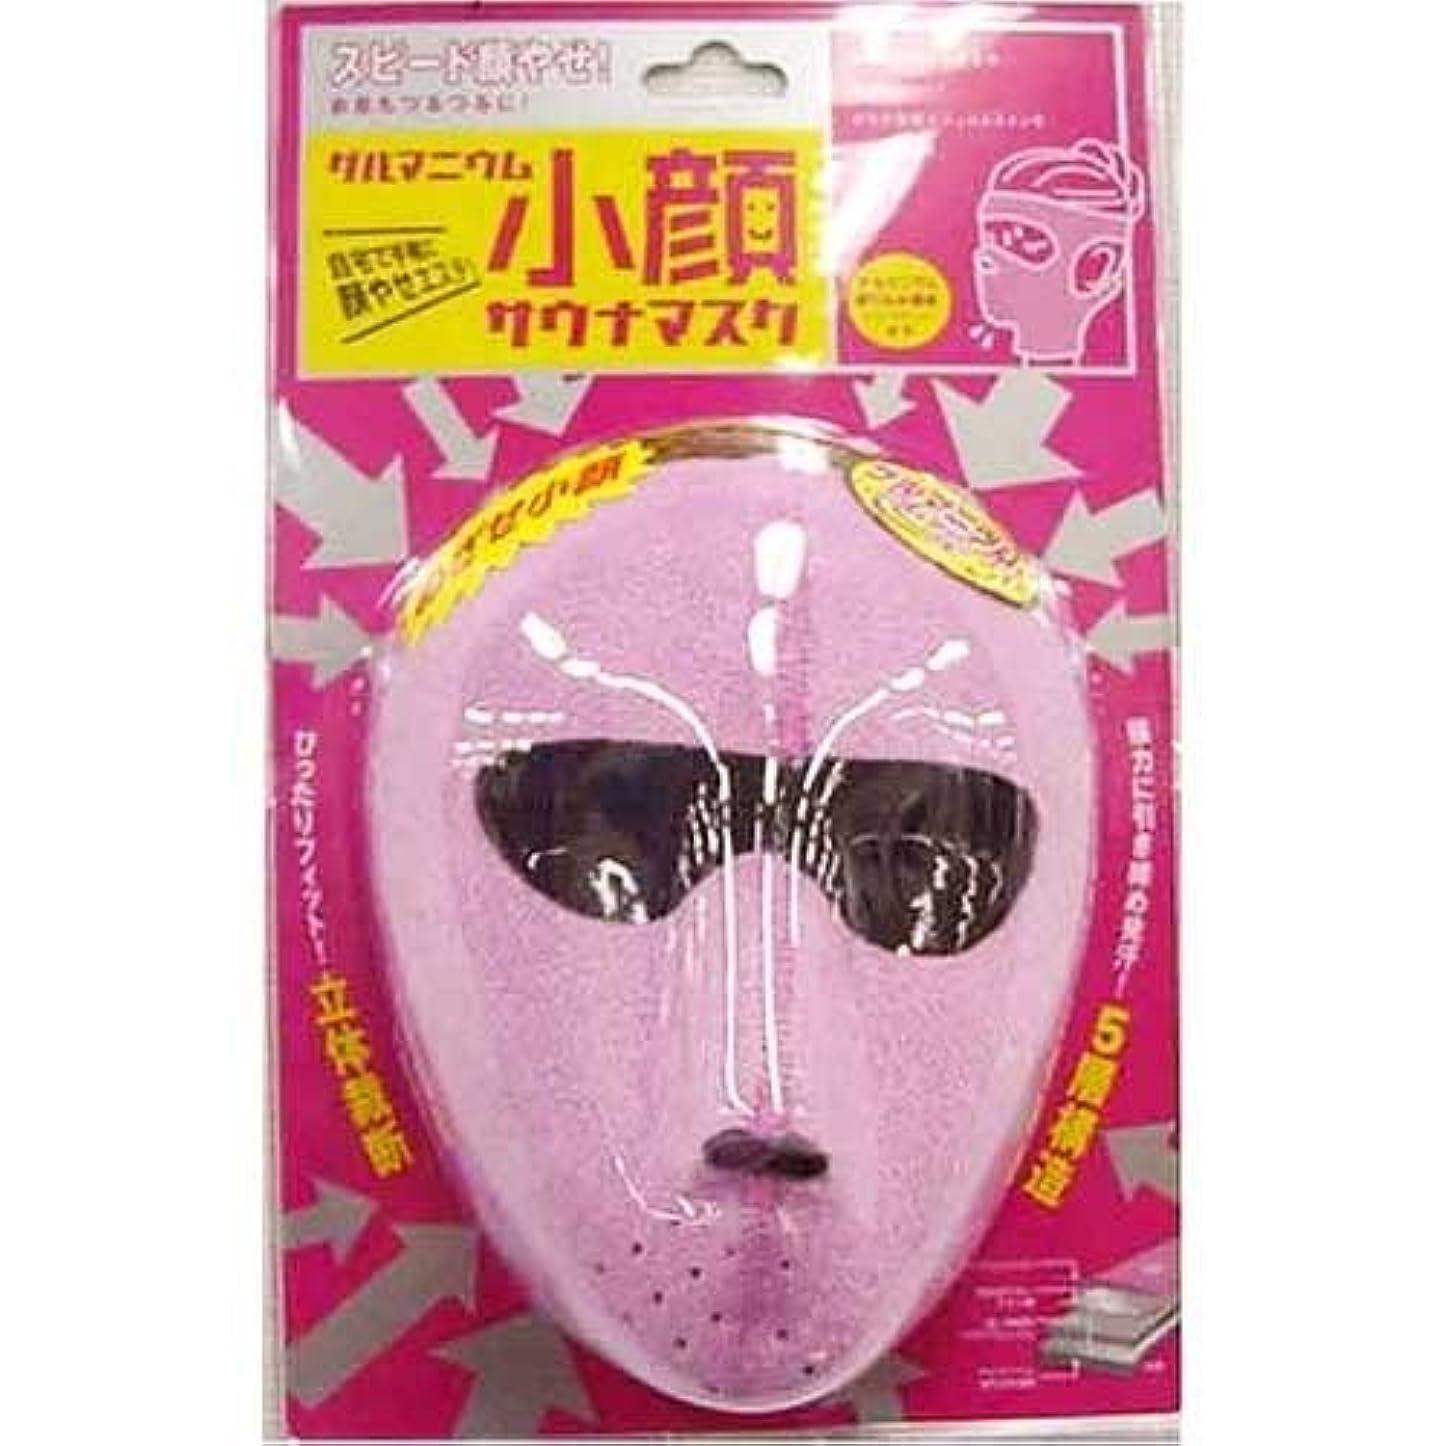 虚弱防止不和コジット ゲルマニウム小顔サウナマスク ピンク